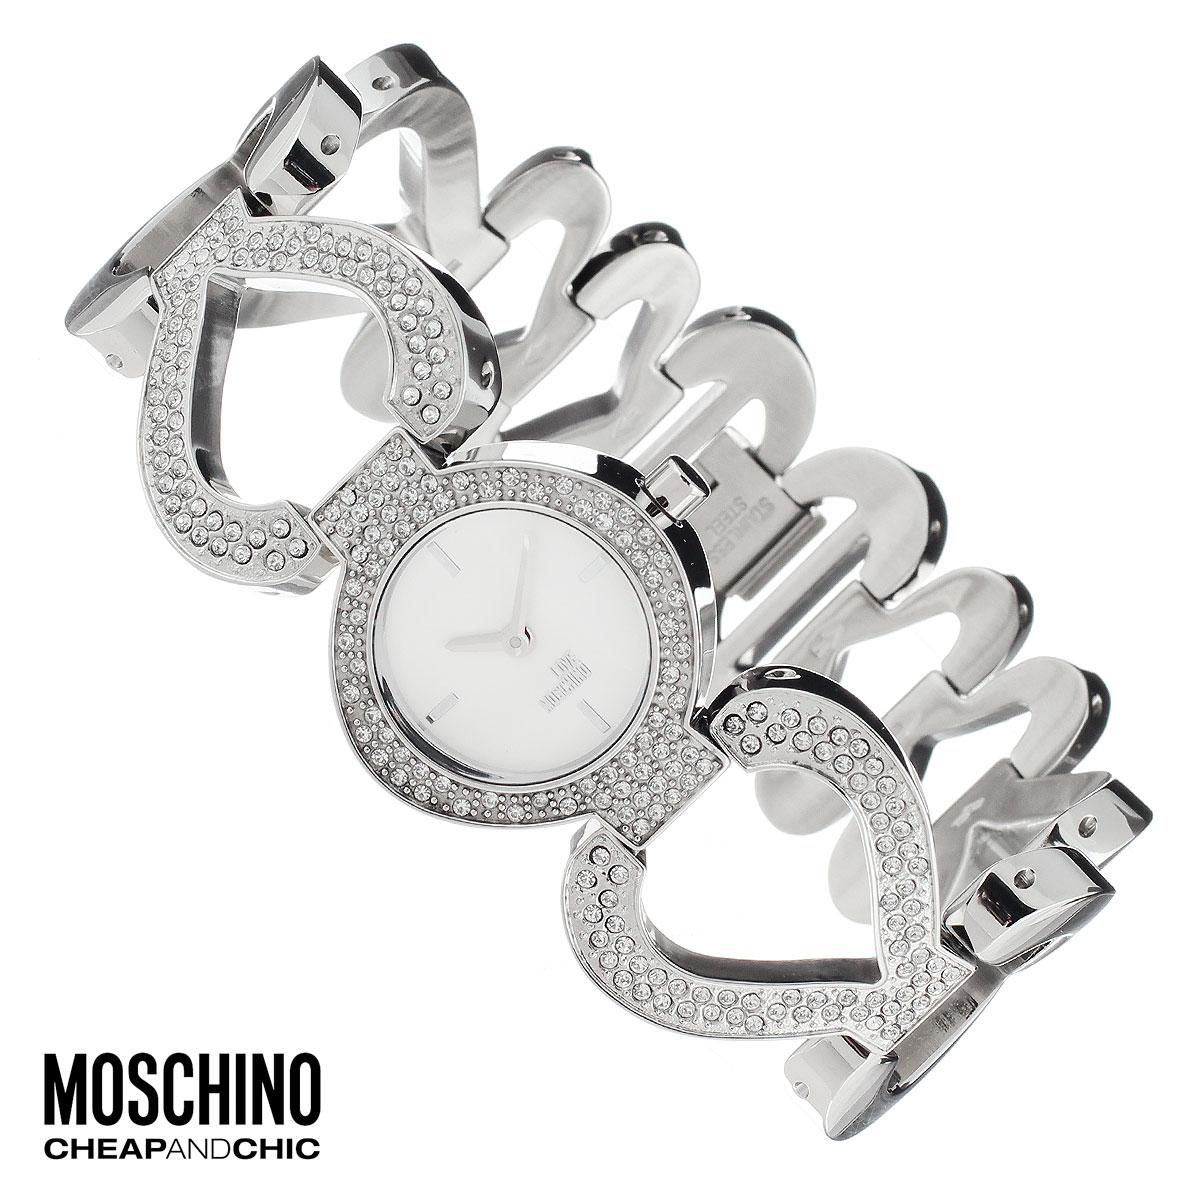 """Часы женские наручные Moschino, цвет: серебристый. MW0431MW0431Наручные часы от известного итальянского бренда Moschino - это не только стильный и функциональный аксессуар, но и современные технологи, сочетающиеся с экстравагантным дизайном и индивидуальностью. Часы Moschino оснащены кварцевым механизмом. Корпус выполнен из высококачественной нержавеющей стали и украшен стразами. Циферблат с отметками оформлен надписью """"Love Moschino"""" и защищен минеральным стеклом. Часы имеют две стрелки - часовую и минутную. Браслет часов выполнен из нержавеющей стали и состоит из звеньев в форме сердца. Браслет застегивается на ювелирную застежку. Часы упакованы в фирменную металлическую коробку с логотипом бренда. Часы Moschino благодаря своему уникальному дизайну отличаются от часов других марок своеобразными циферблатами, функциональностью, а также набором уникальных технических свойств. Каждой модели присуща легкая экстравагантность, самобытность и, безусловно, великолепный вкус. Характеристики: ..."""